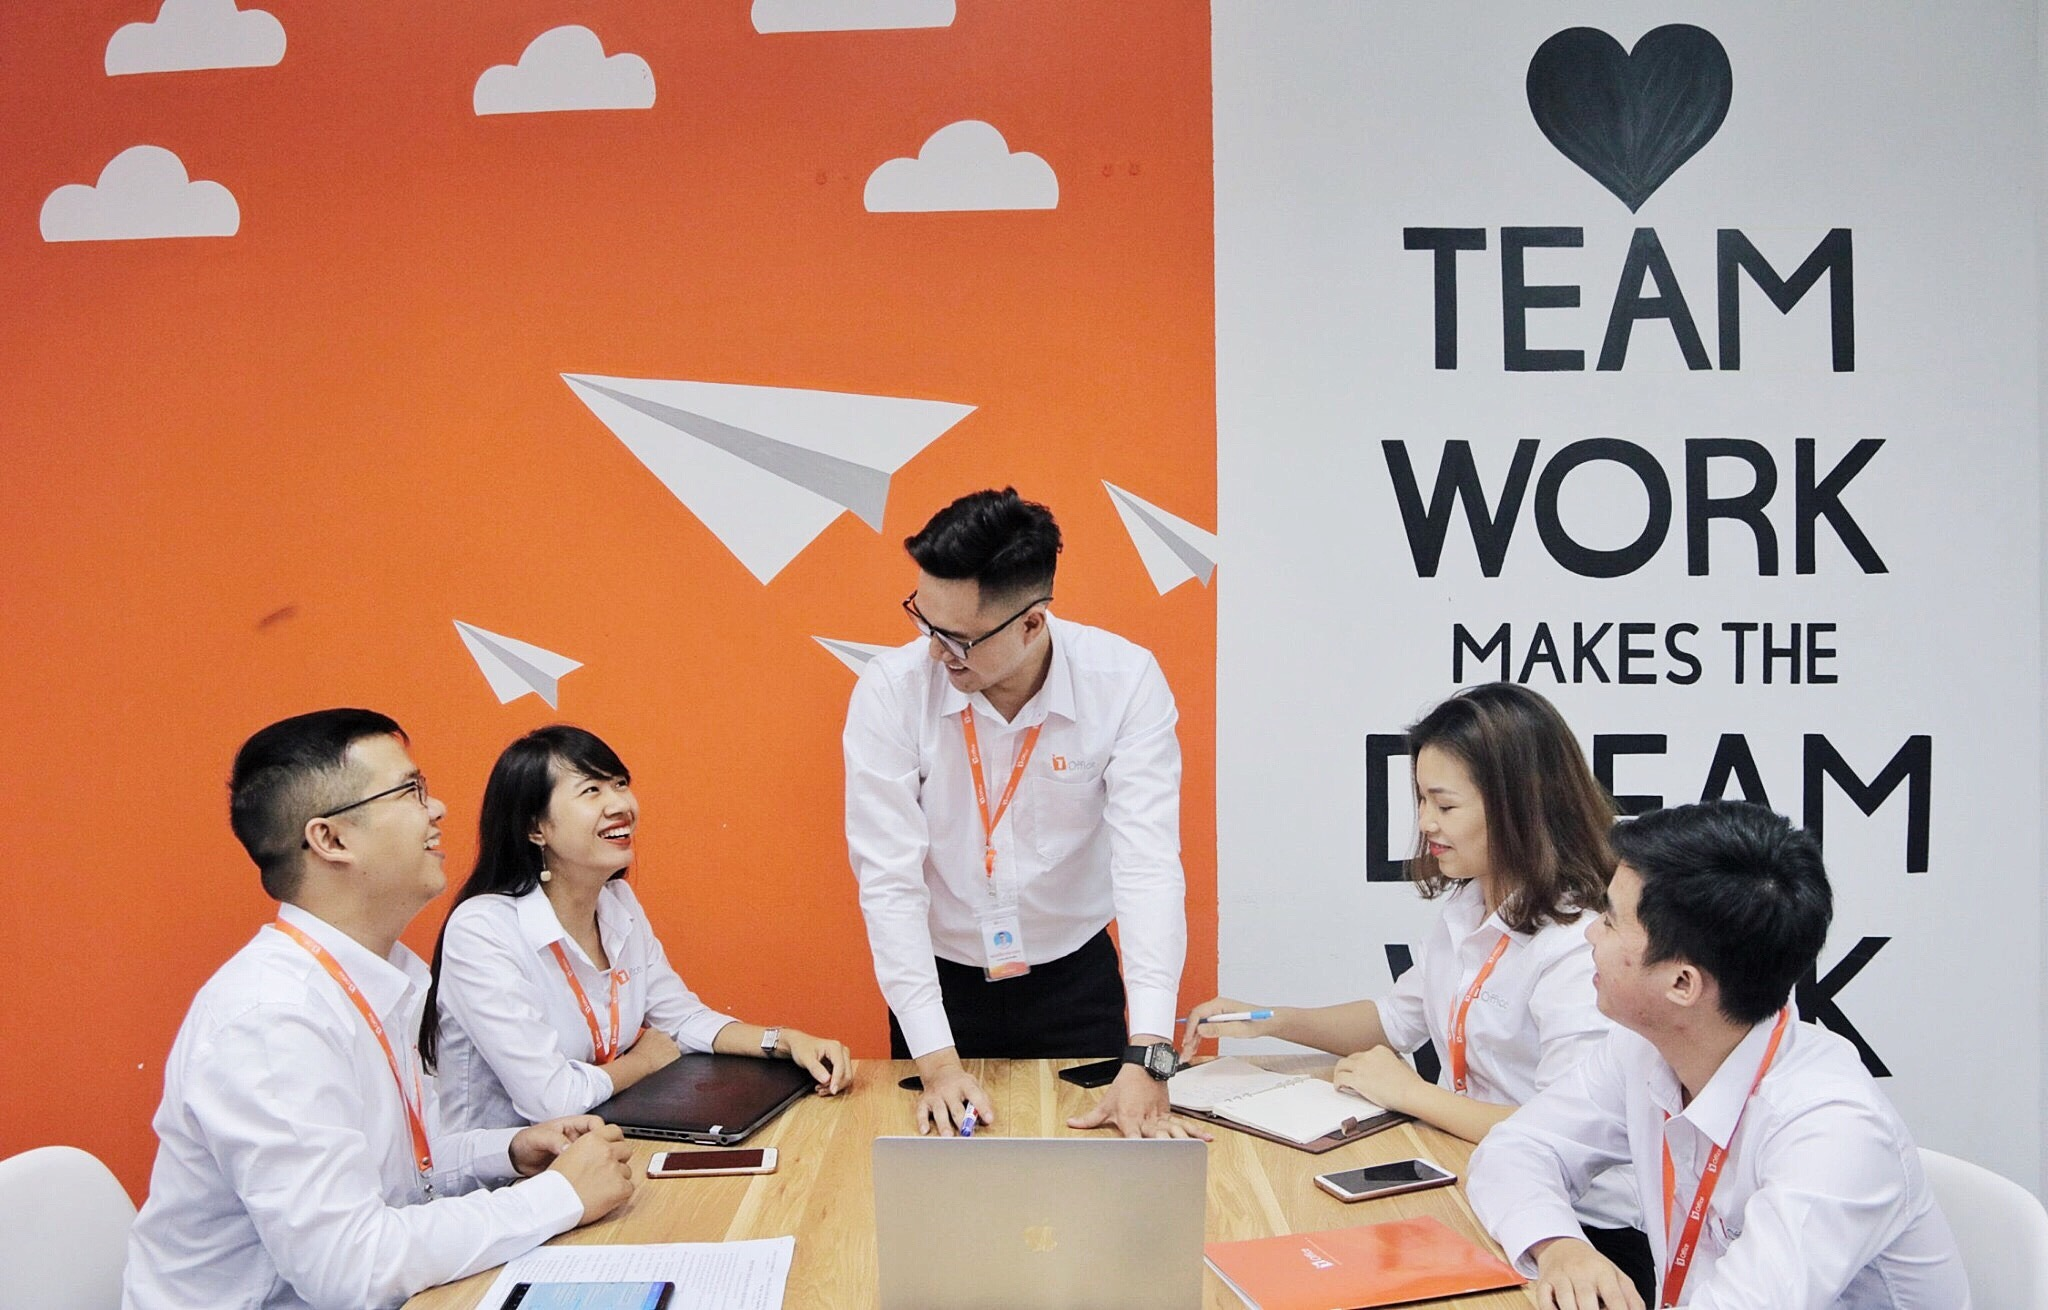 Kết nối tổ chức và nhân viên trong doanh nghiệp